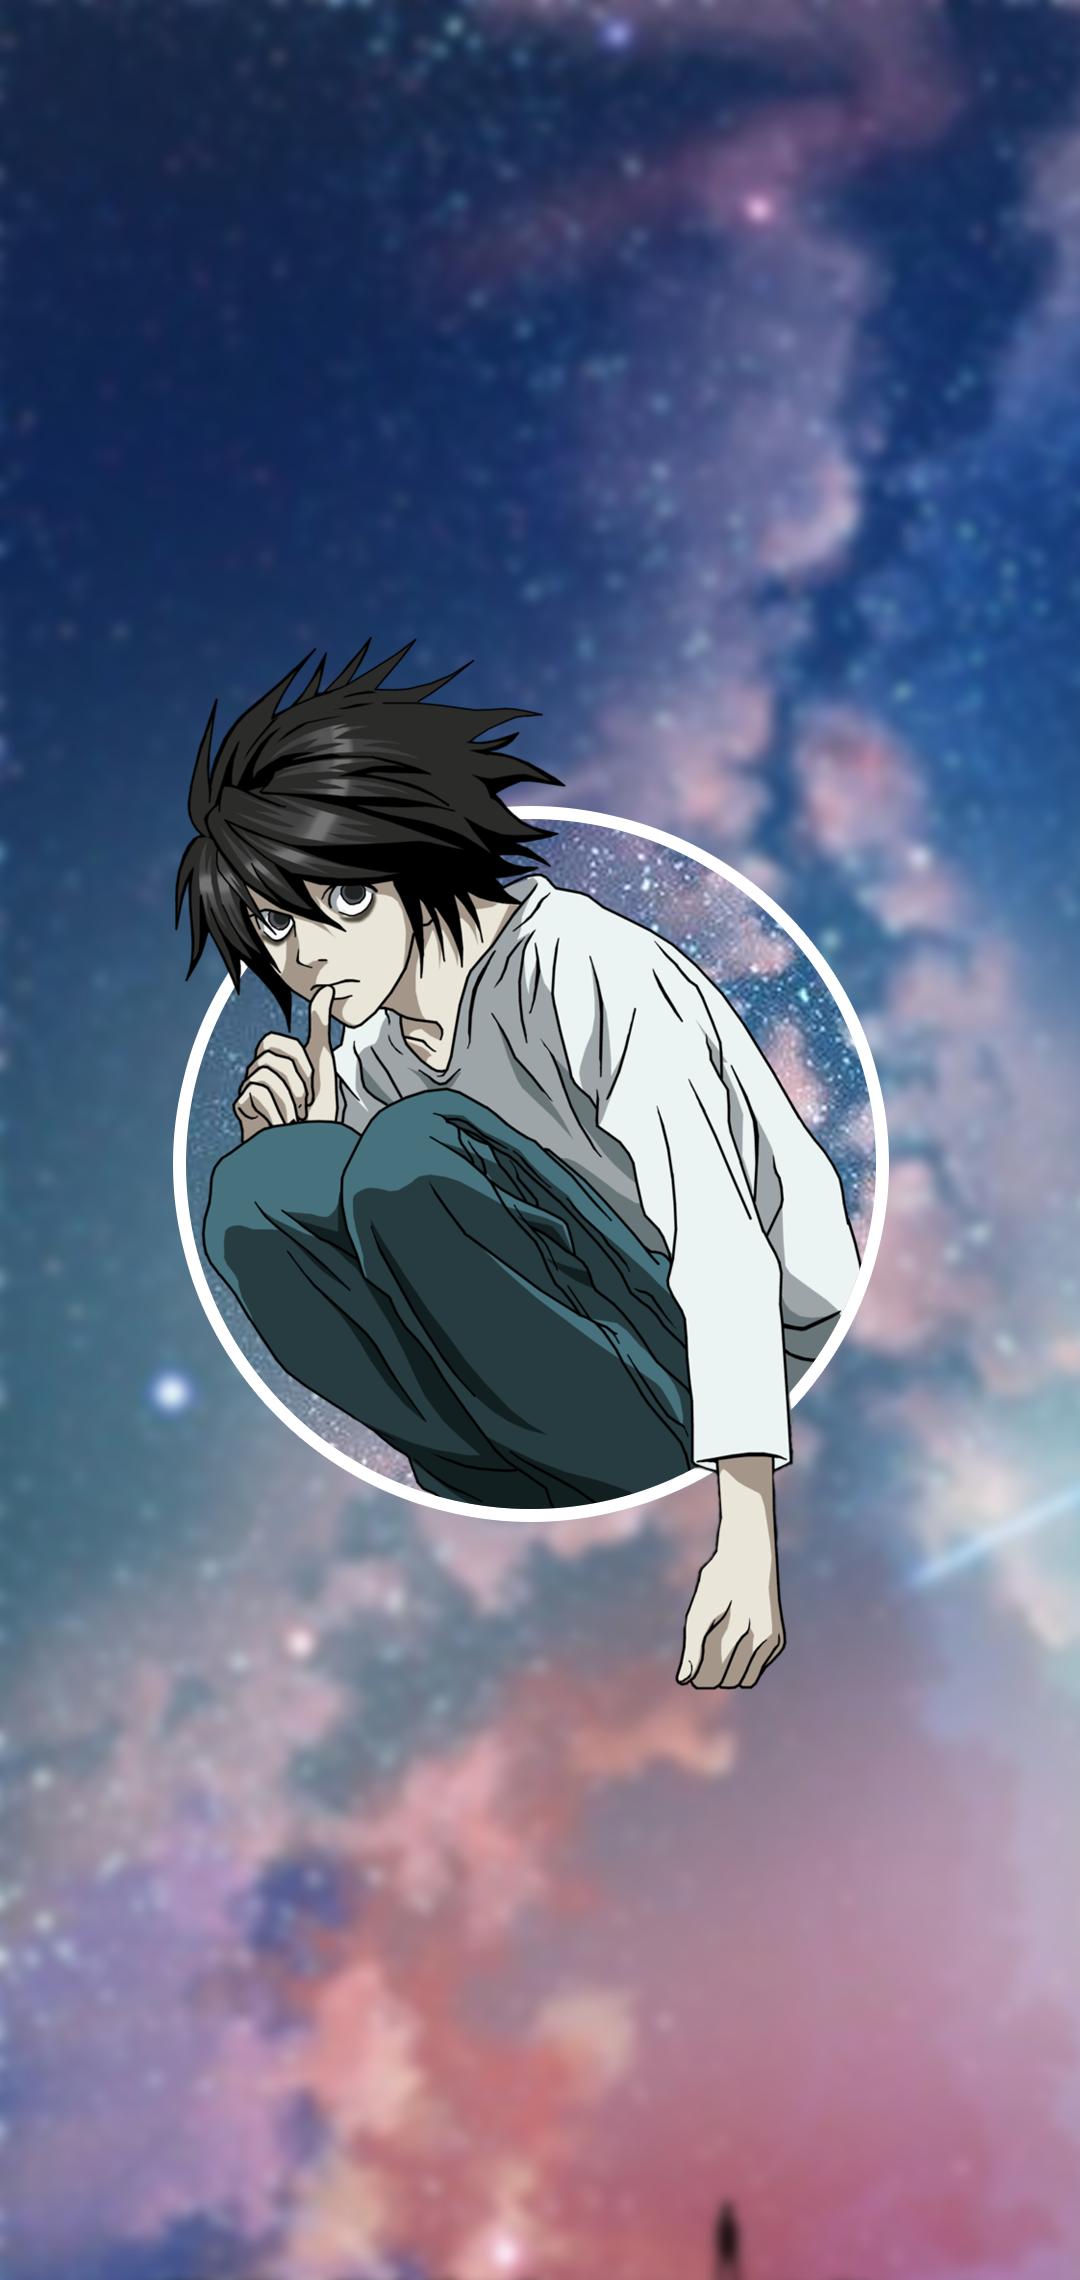 Anime 1080x2280 anime phone sky dark hair Death Note Lawliet L